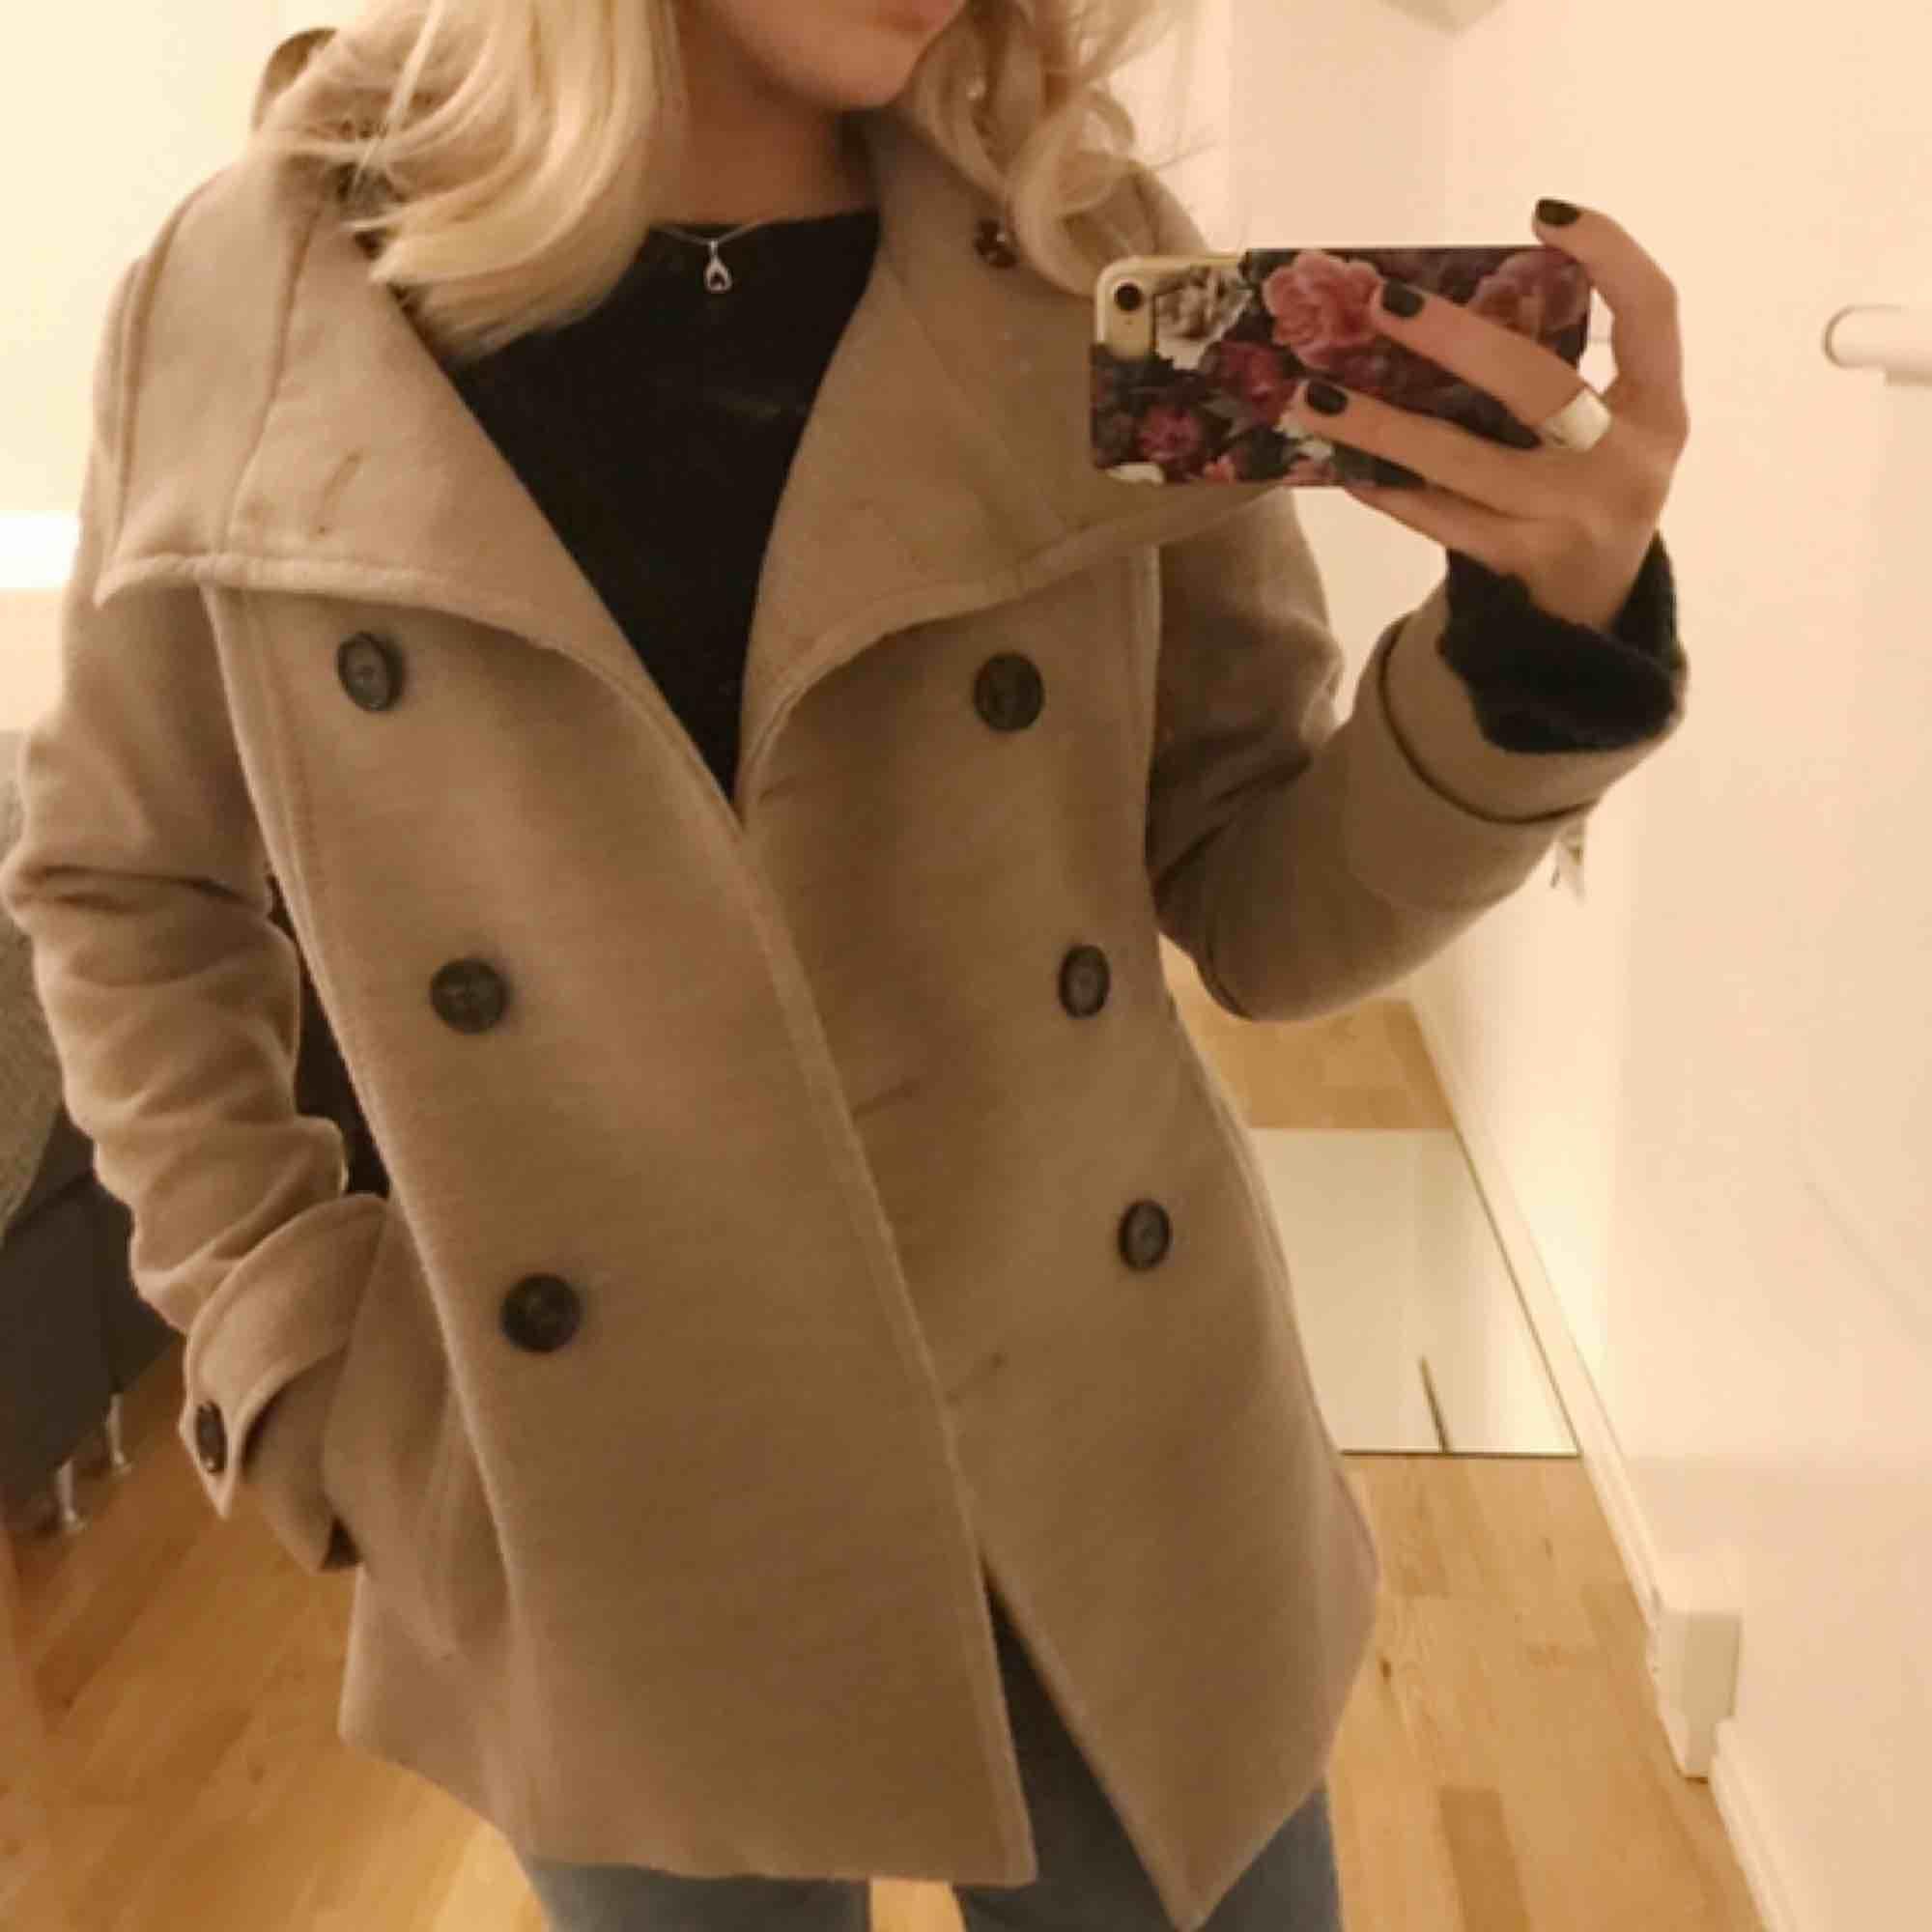 Säljer denna super fräscha kappa ifrån Hm⚡️En beige kappa i kortare modell, säljs pågrund av att den inte kommer till användning längre, frakt tillkommer👼🏼. Jackor.